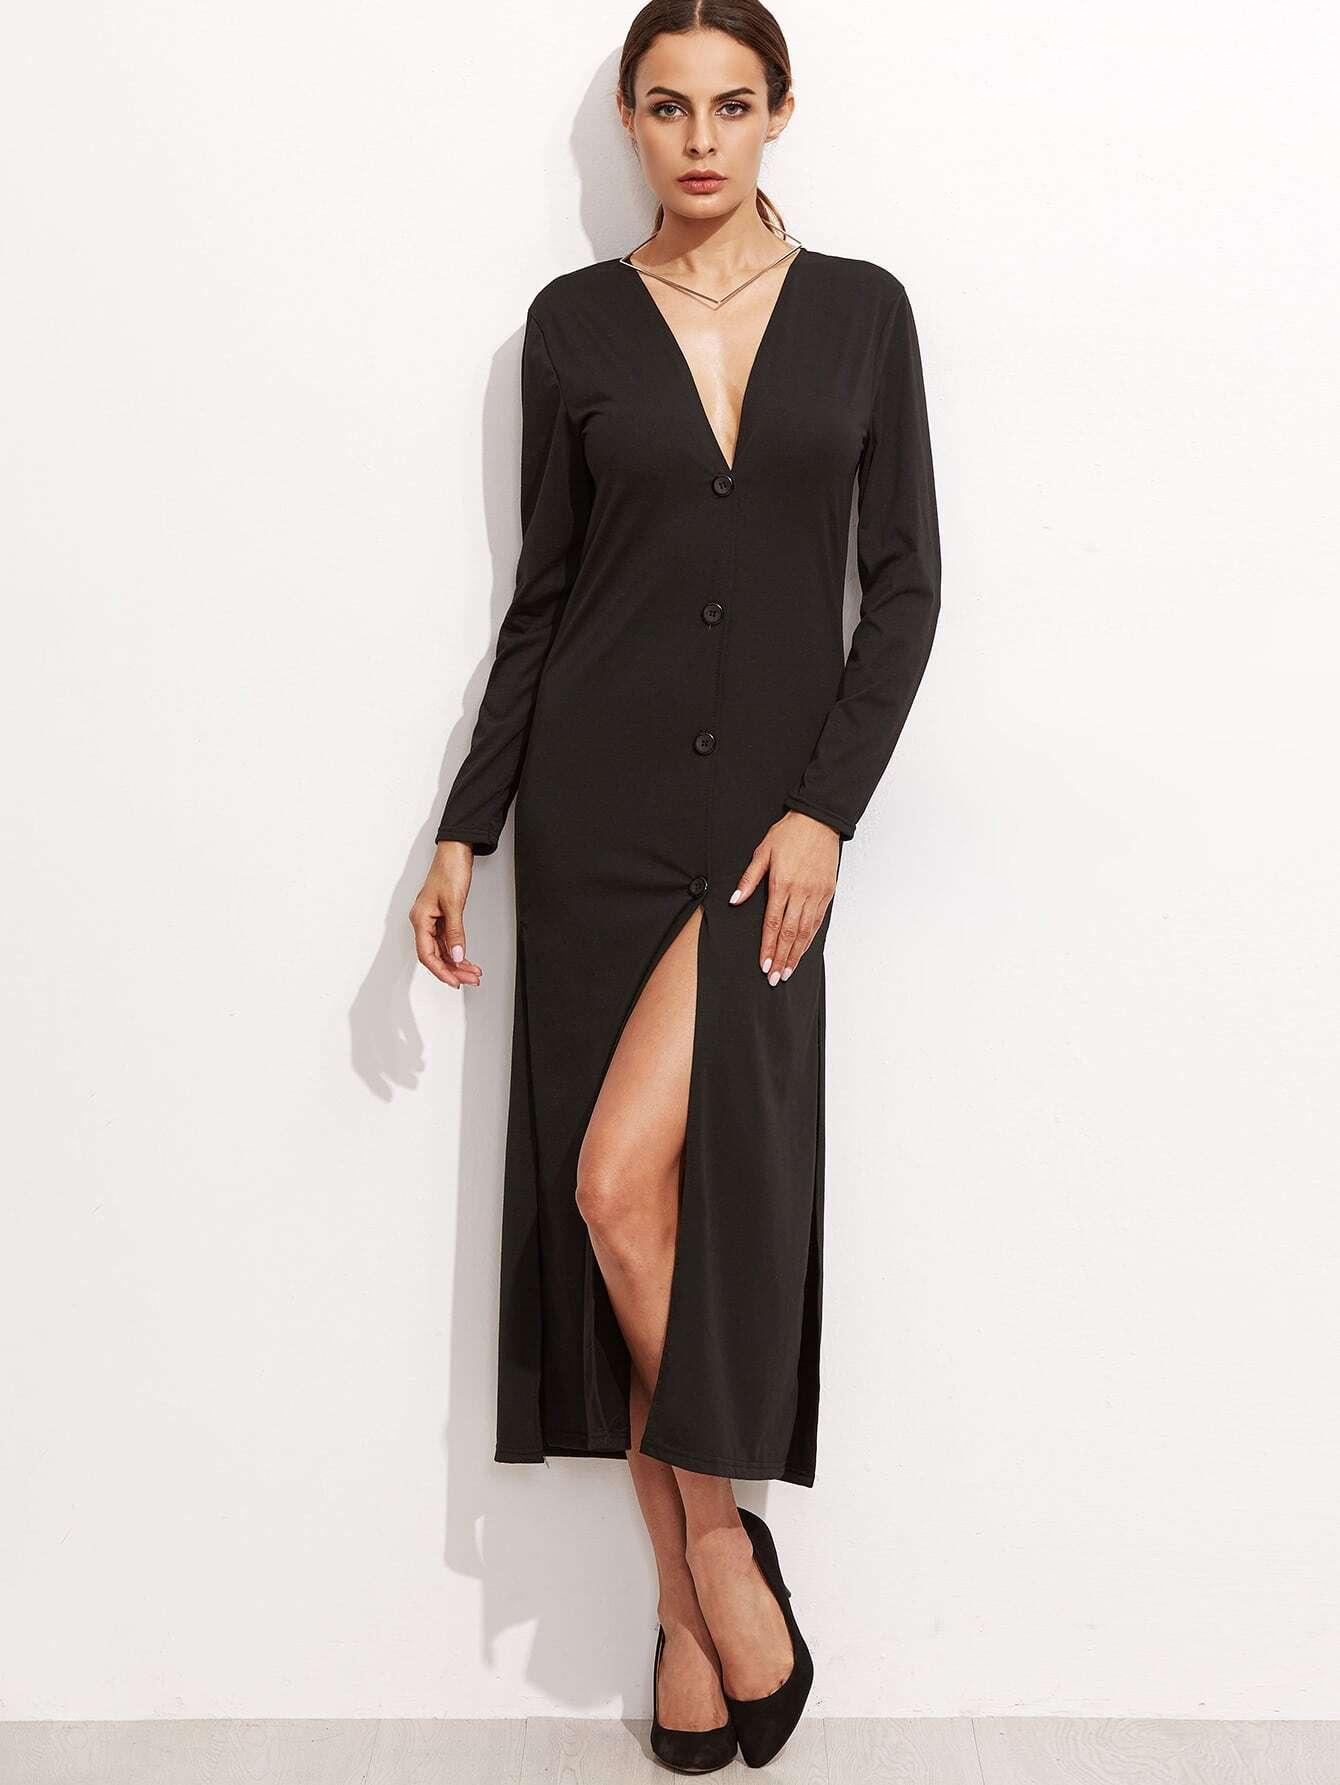 Black Deep V Neck Slit Side Shirt Dress dress161024104